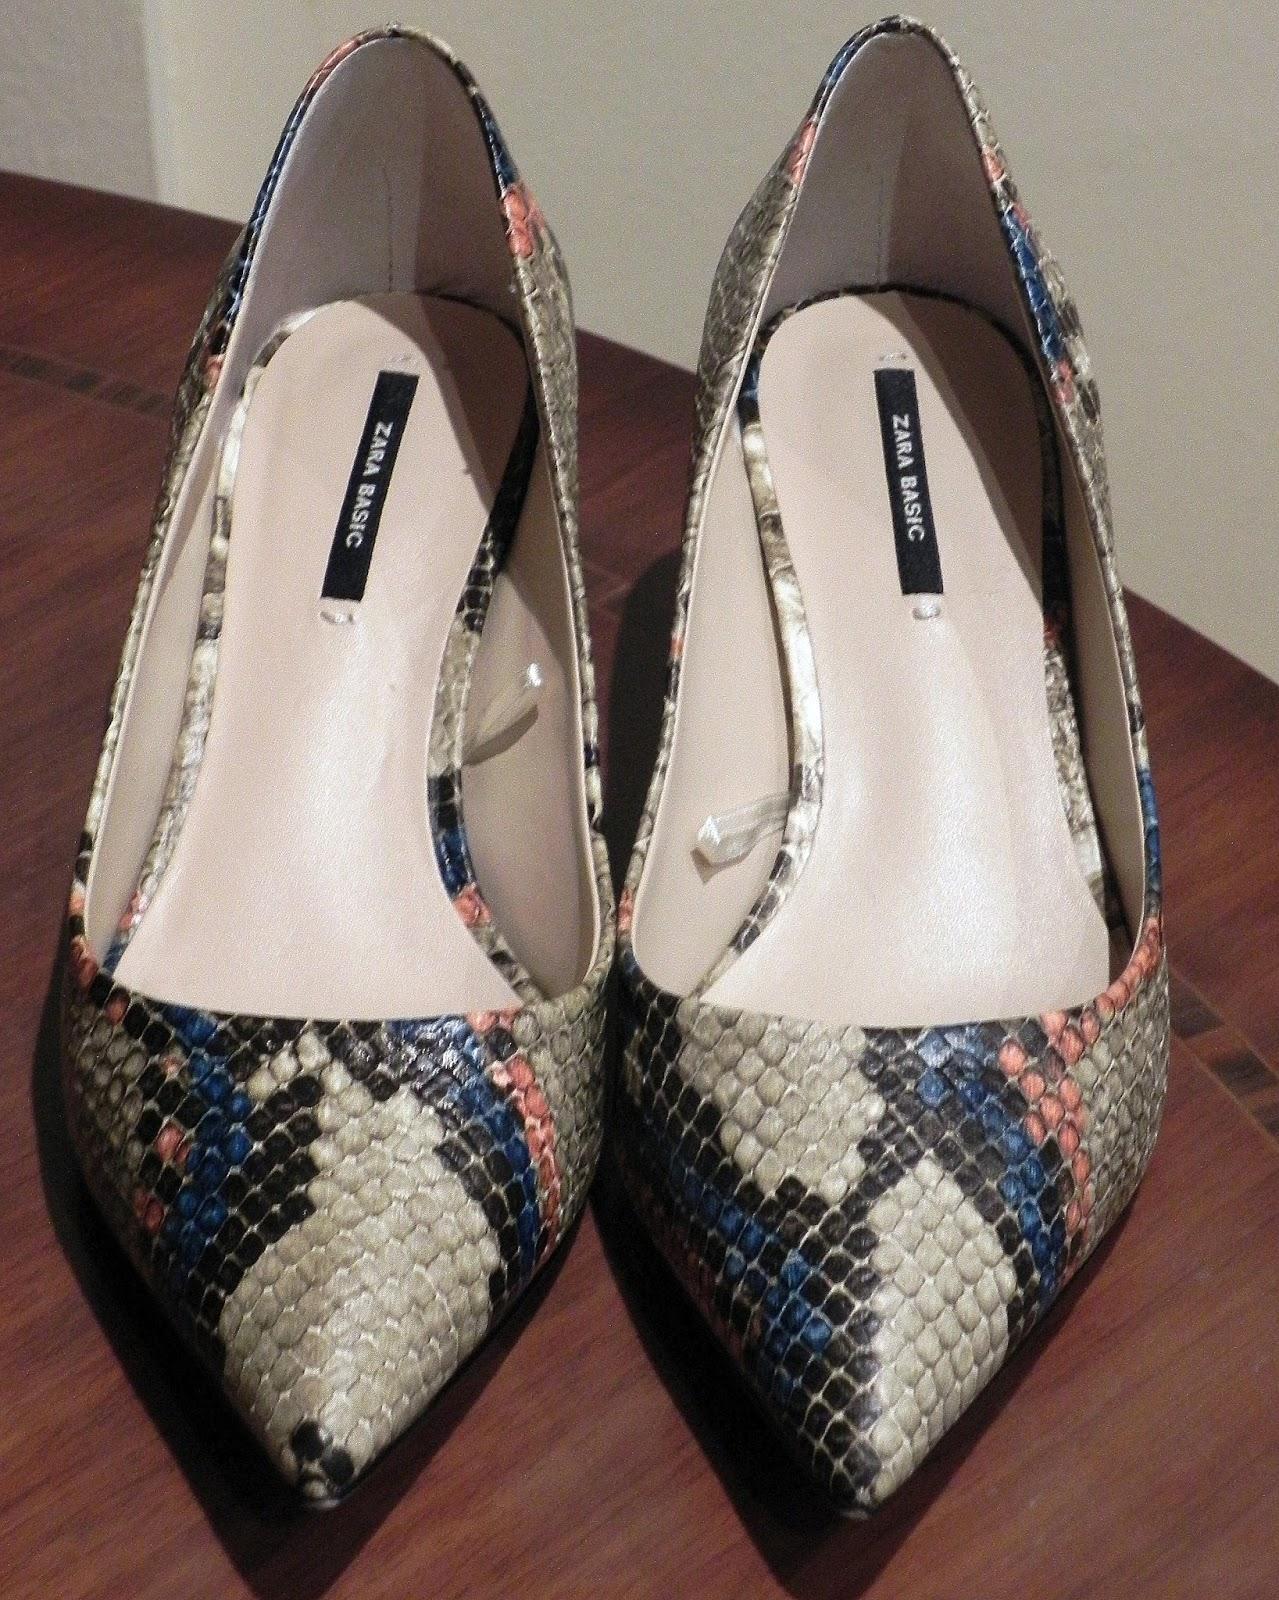 código promocional c273d d18c2 Haul&Outfit: Zapatos de serpiente | Oh! My Lady